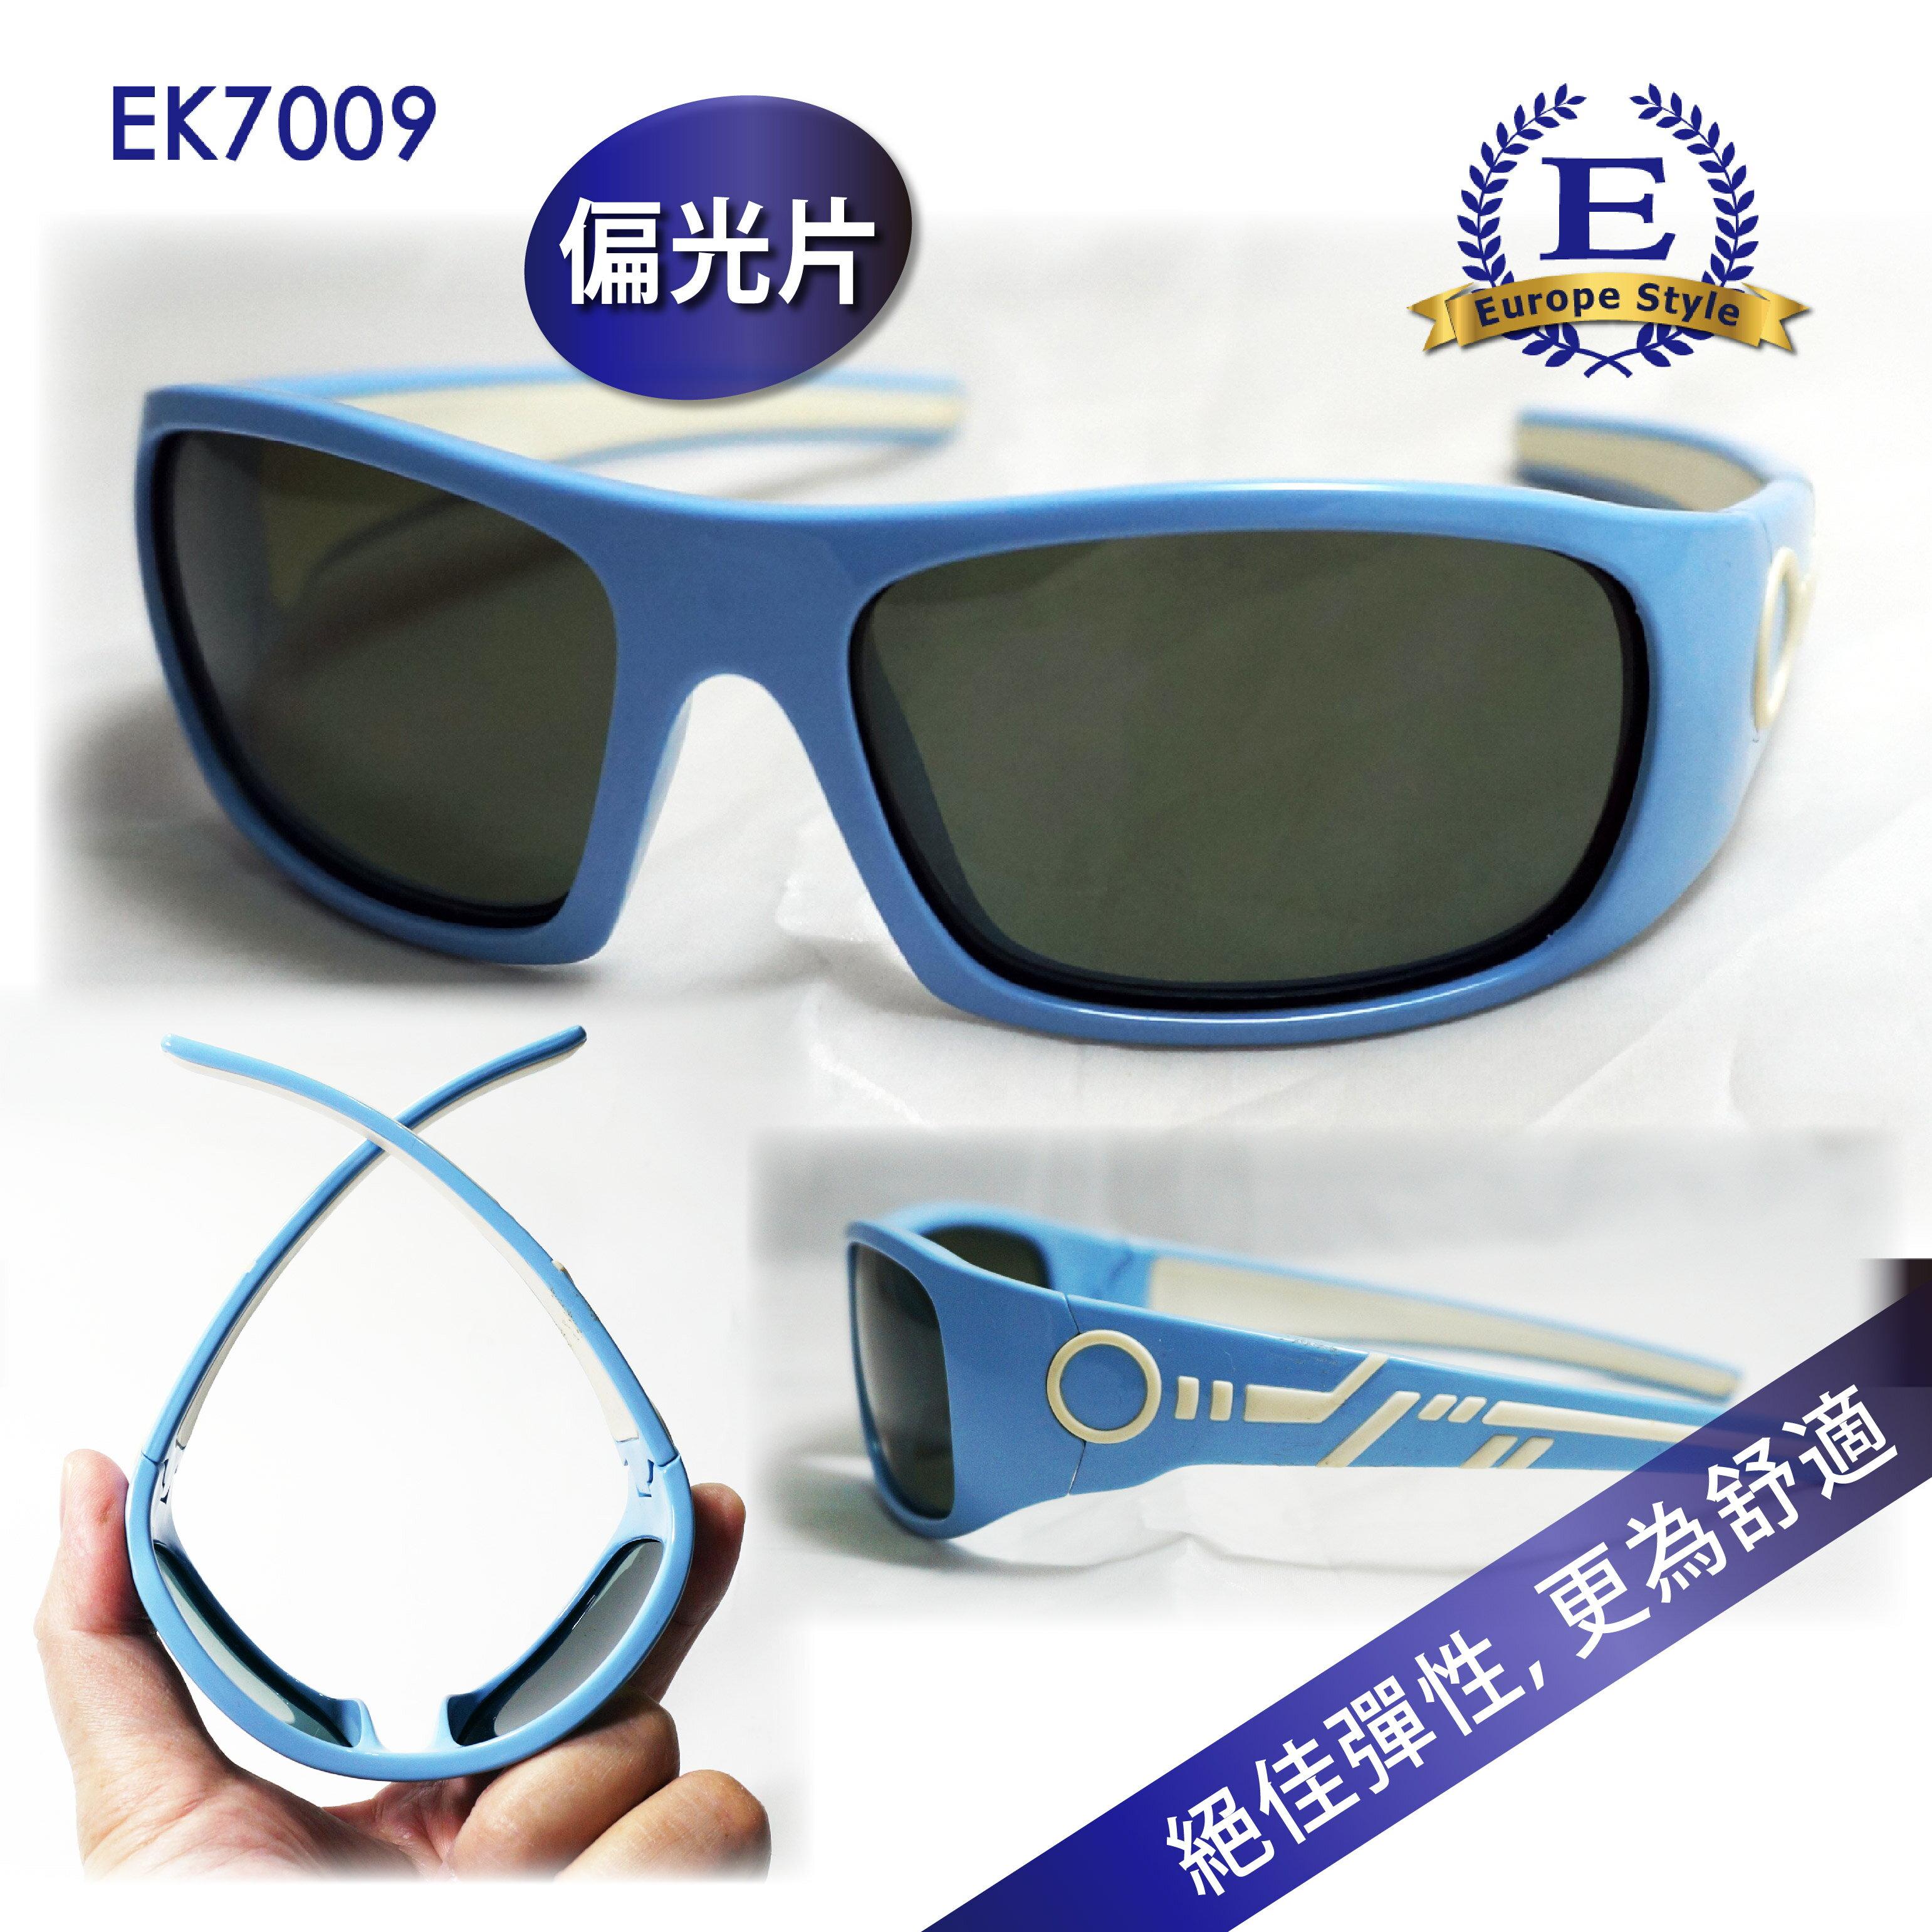 【歐風天地】兒童偏光太陽眼鏡 EK7009 偏光太陽眼鏡 防風眼鏡 單車眼鏡 運動太陽眼鏡 運動眼鏡 自行車眼鏡 野外戶外用品